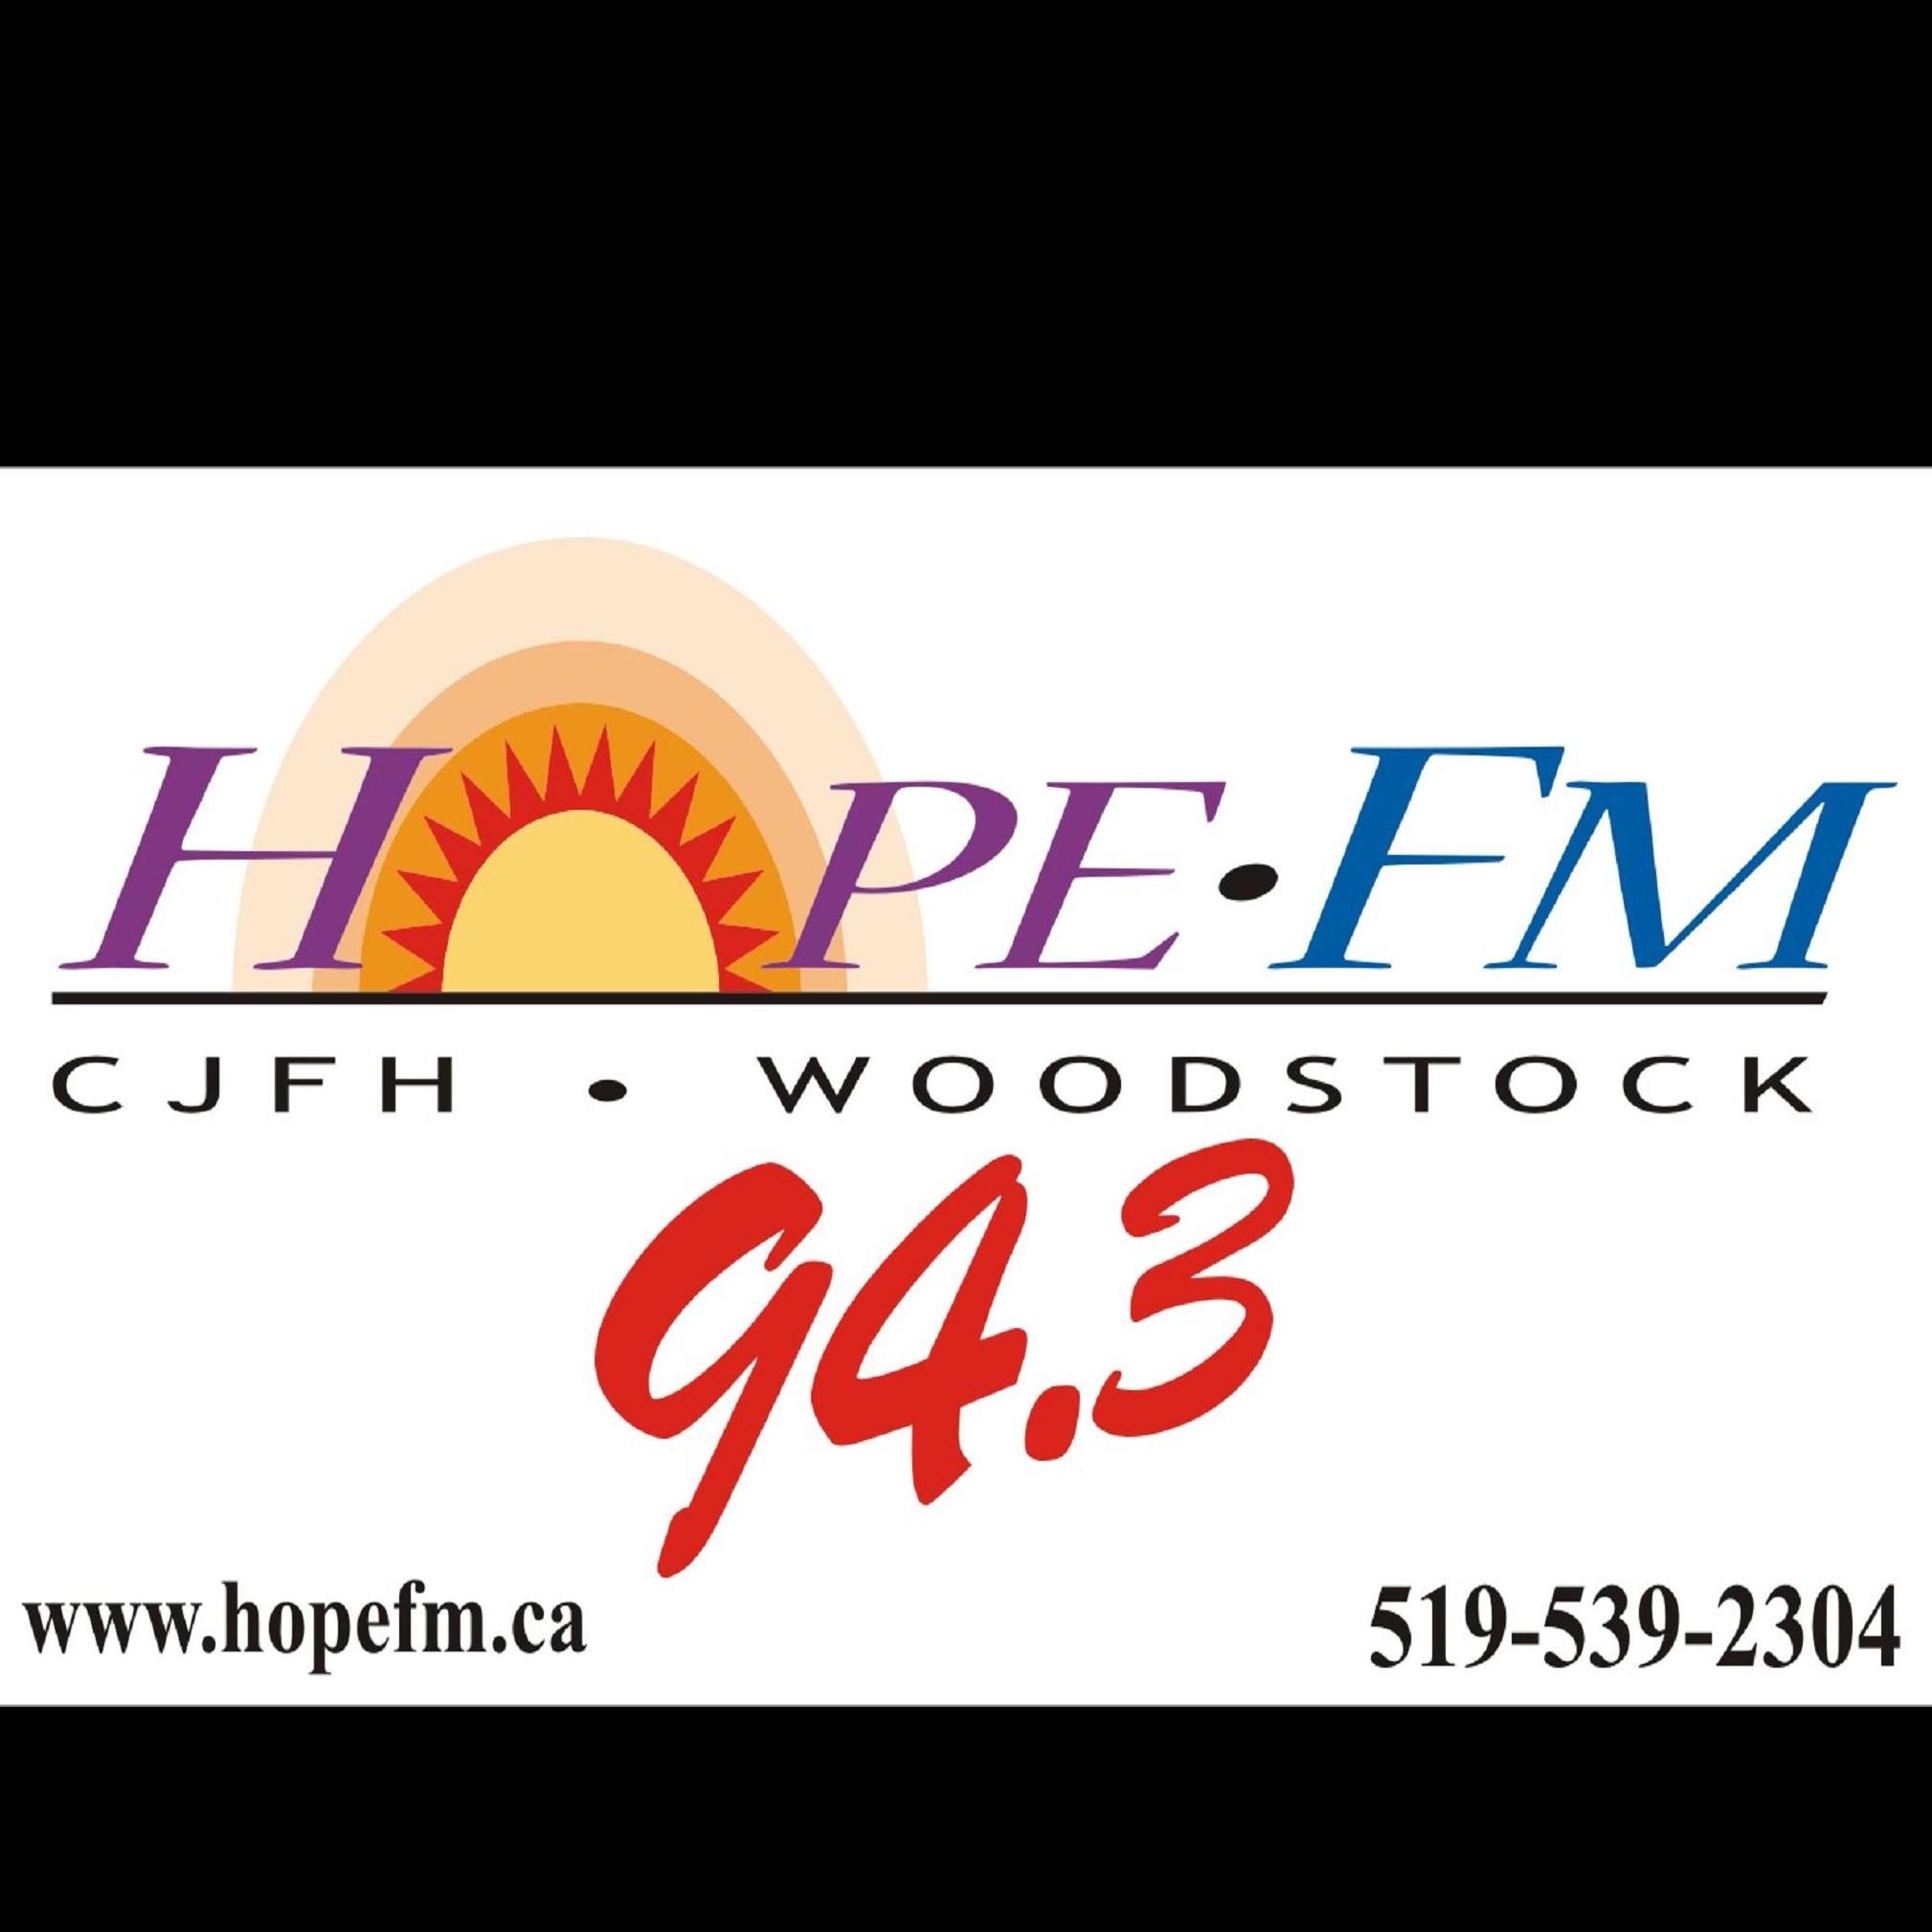 Hope FM 94.3 - Woodstock